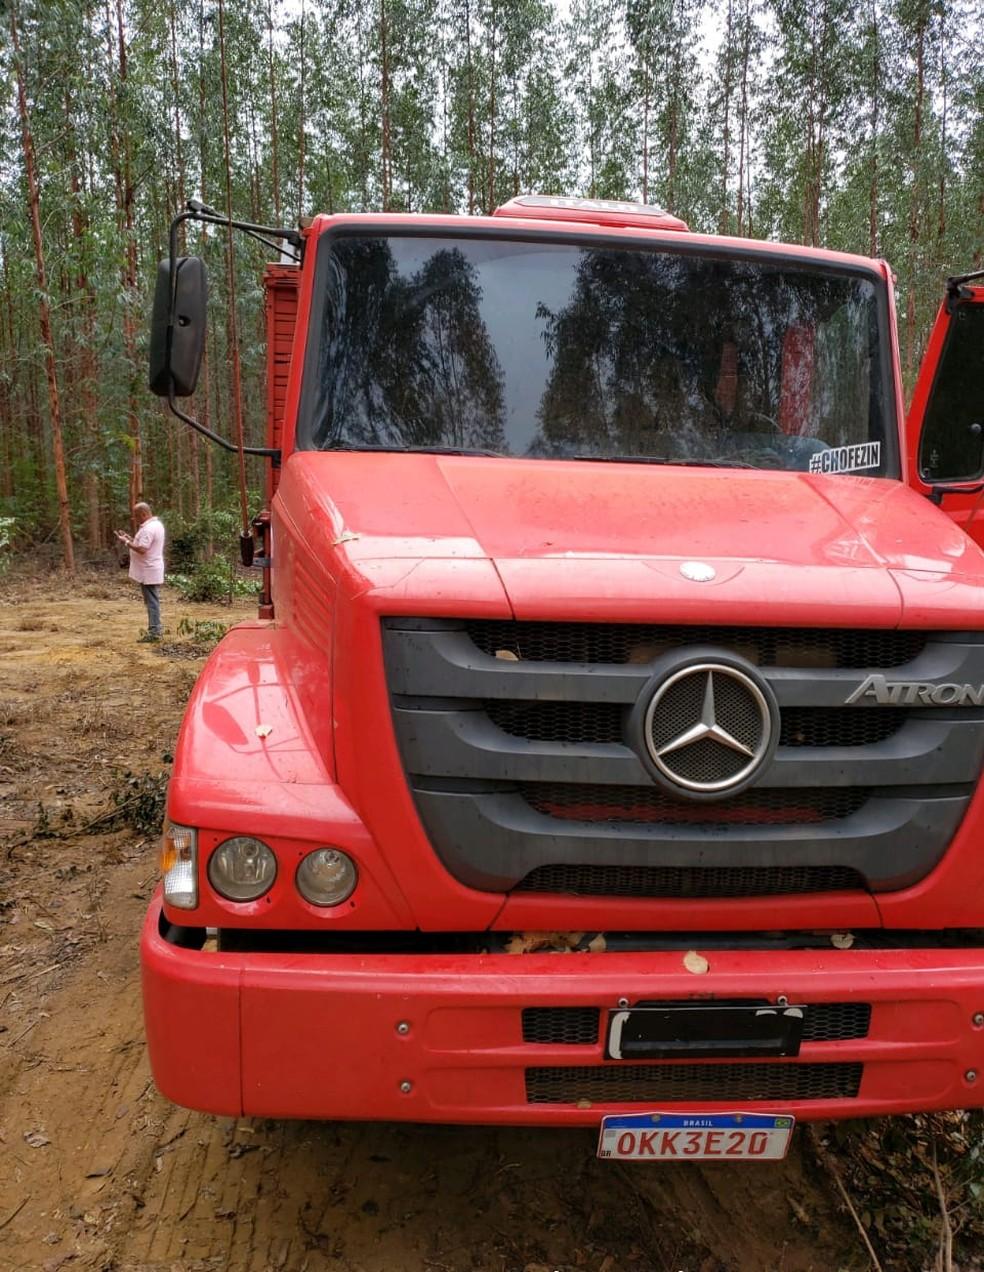 Caminhão recuperado pela polícia — Foto: Divulgação / Polícia Civil